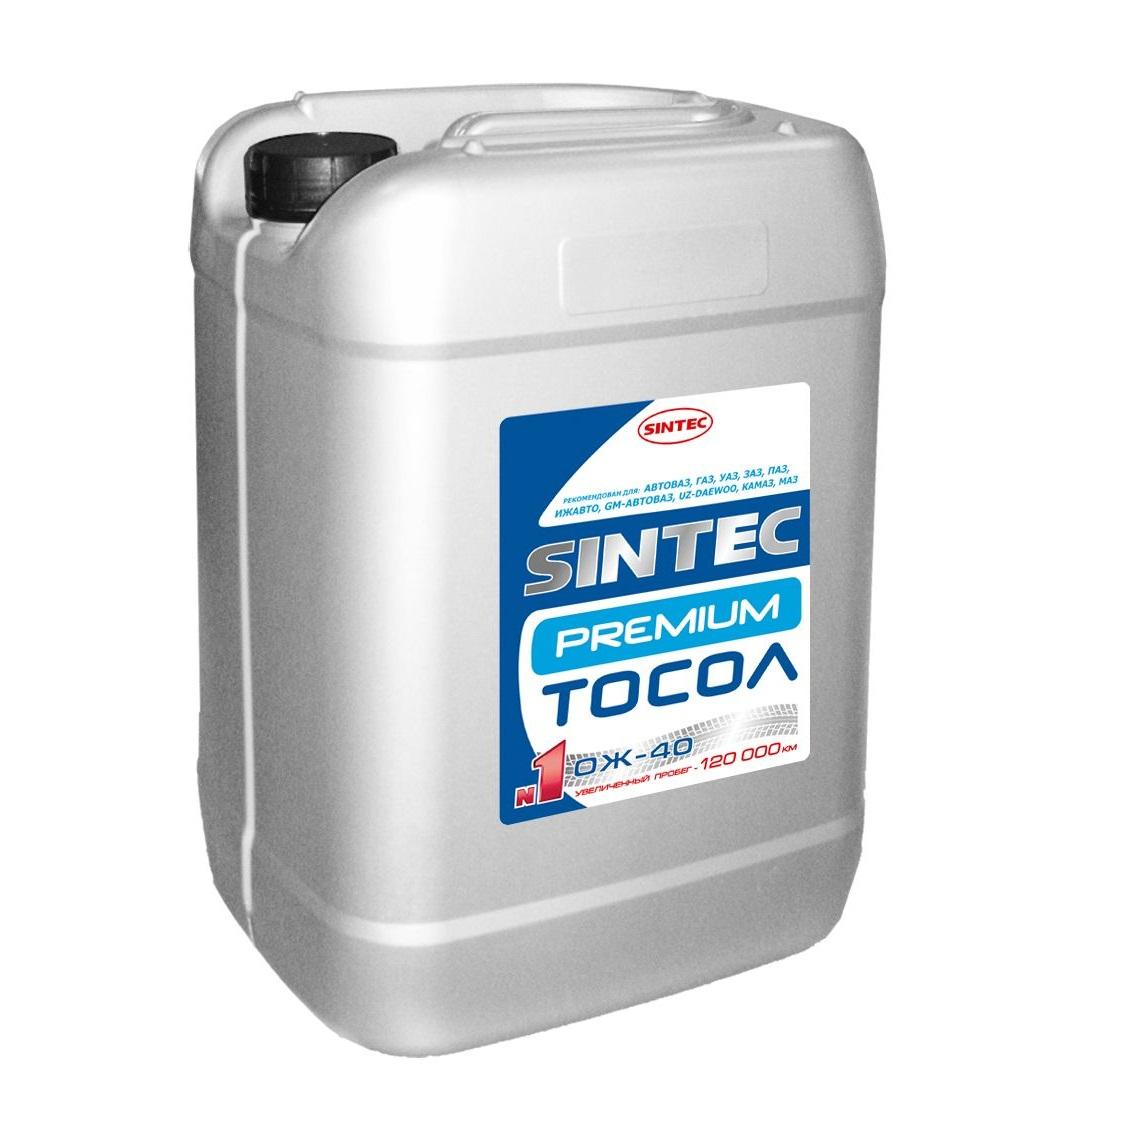 Sintec ТОСОЛ ОЖ-45 10 кг